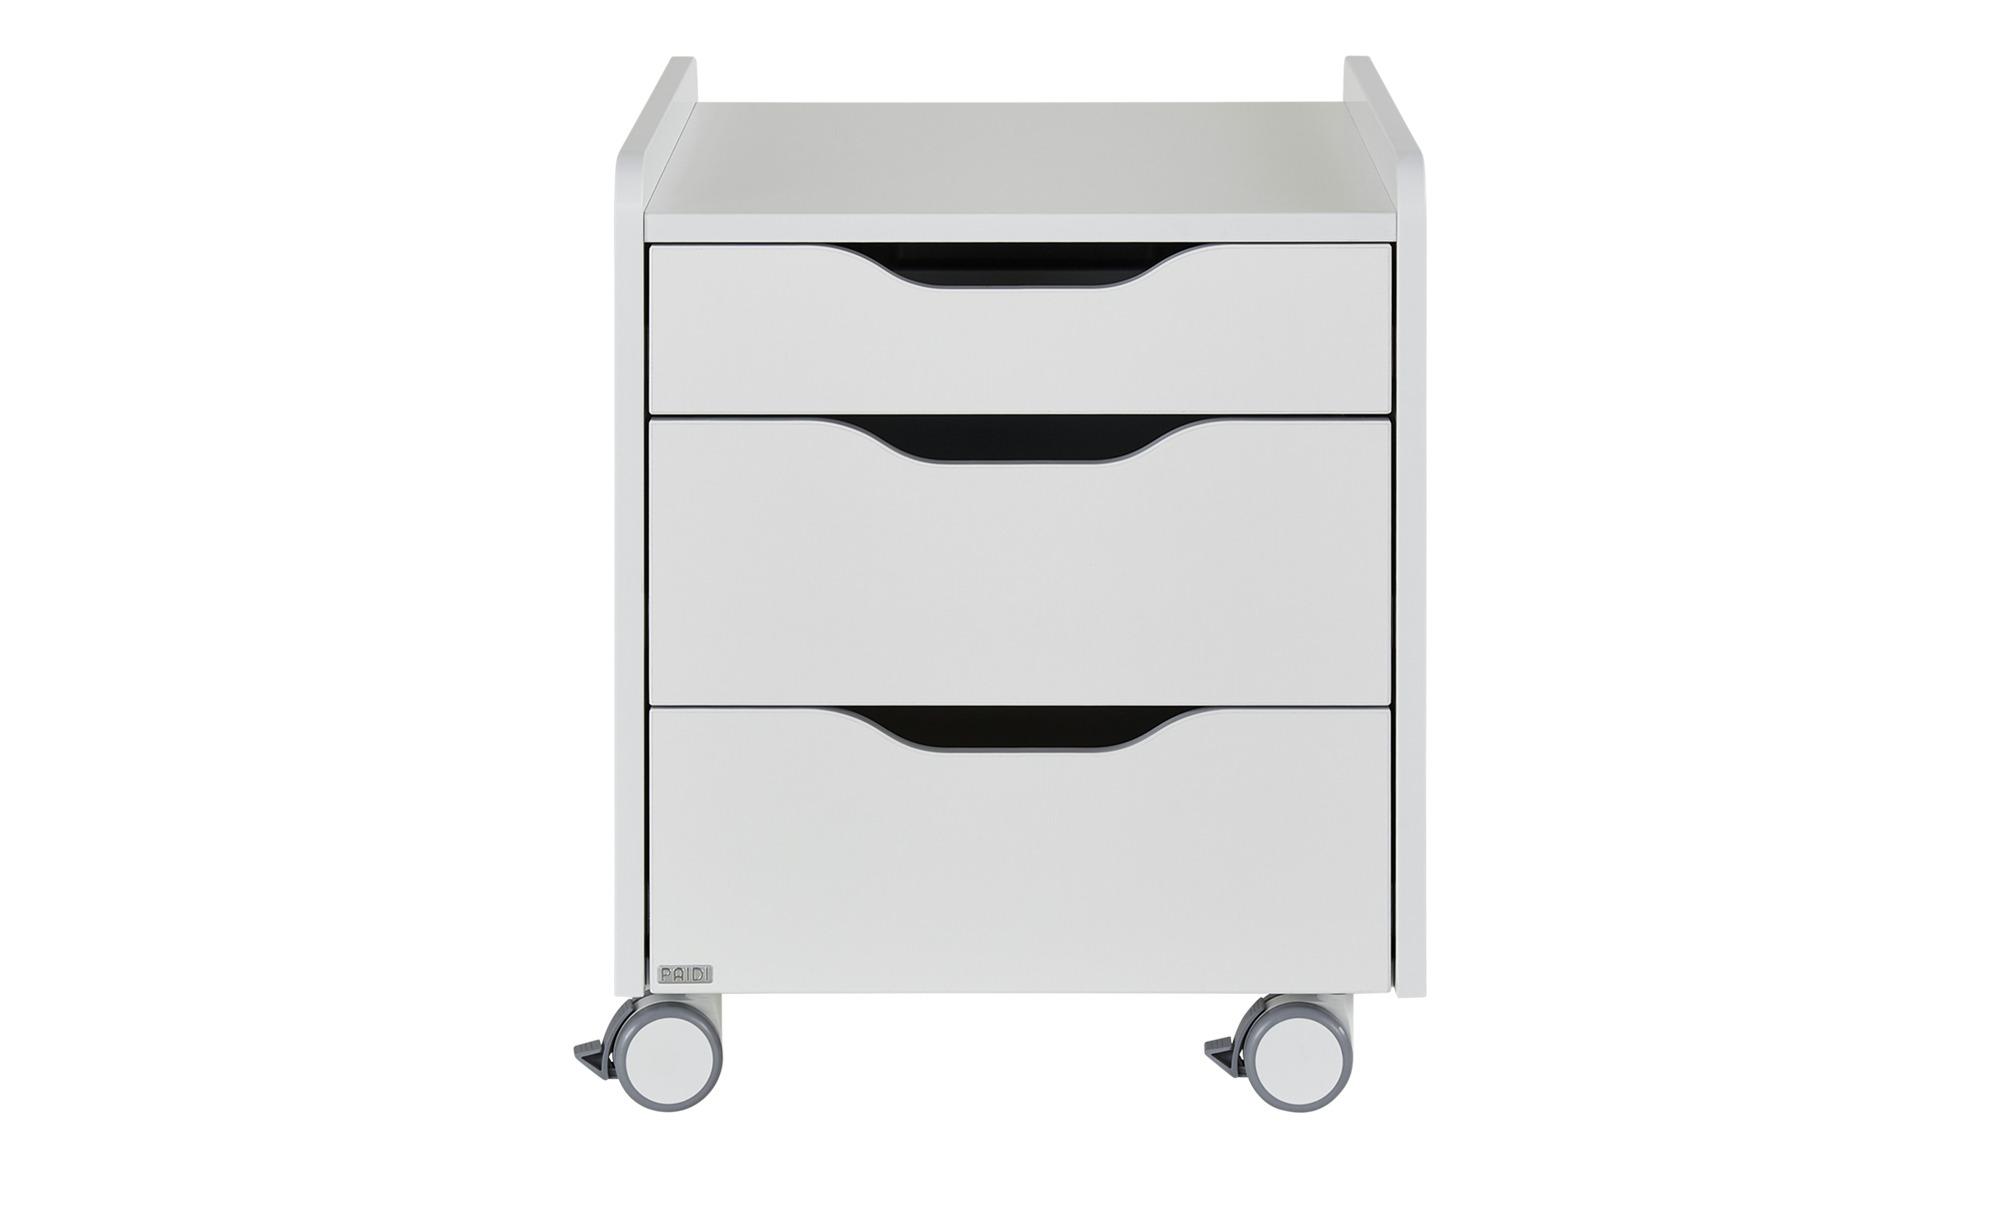 PAIDI Rollcontainer - weiß - 44,3 cm - 53,29 cm - 57,3 cm - Schränke > Rollcontainer - Möbel Kraft | Büro > Büroschränke > Rollcontainer | PAIDI